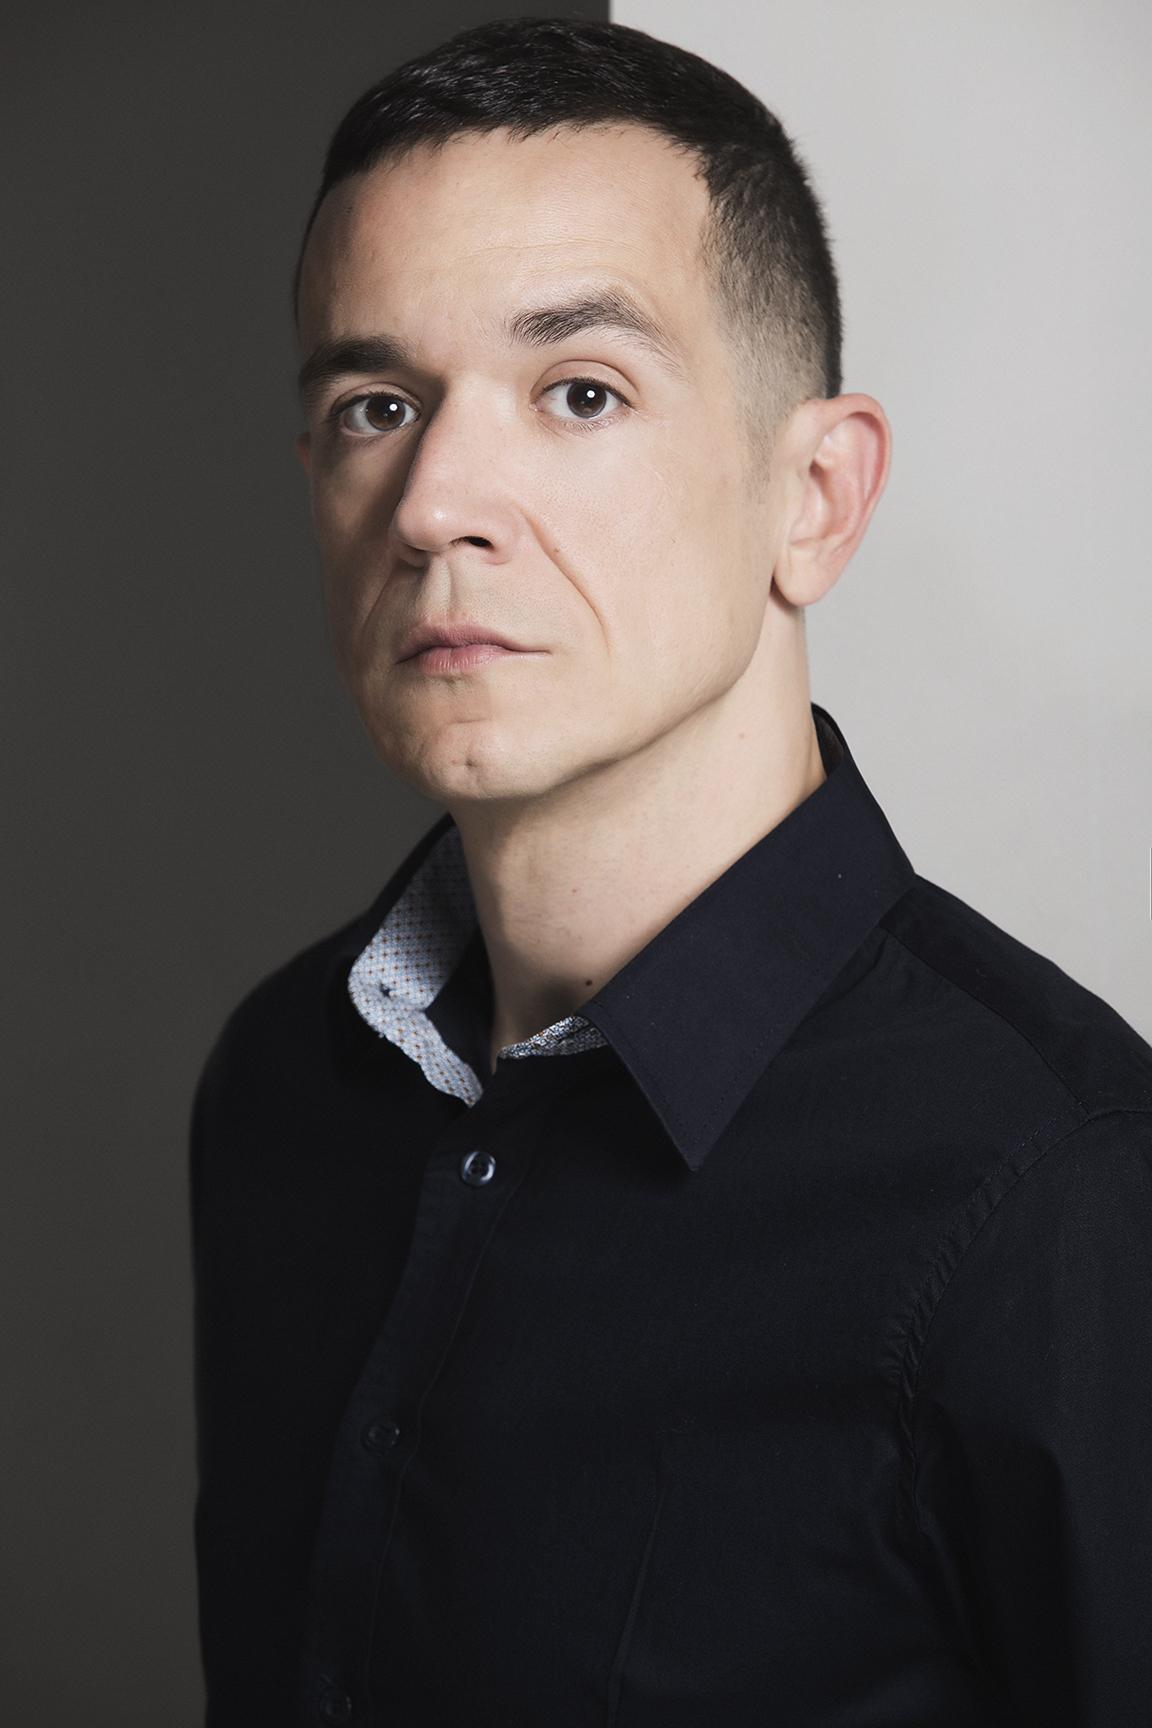 Luis luqueby Jesús Ugalde